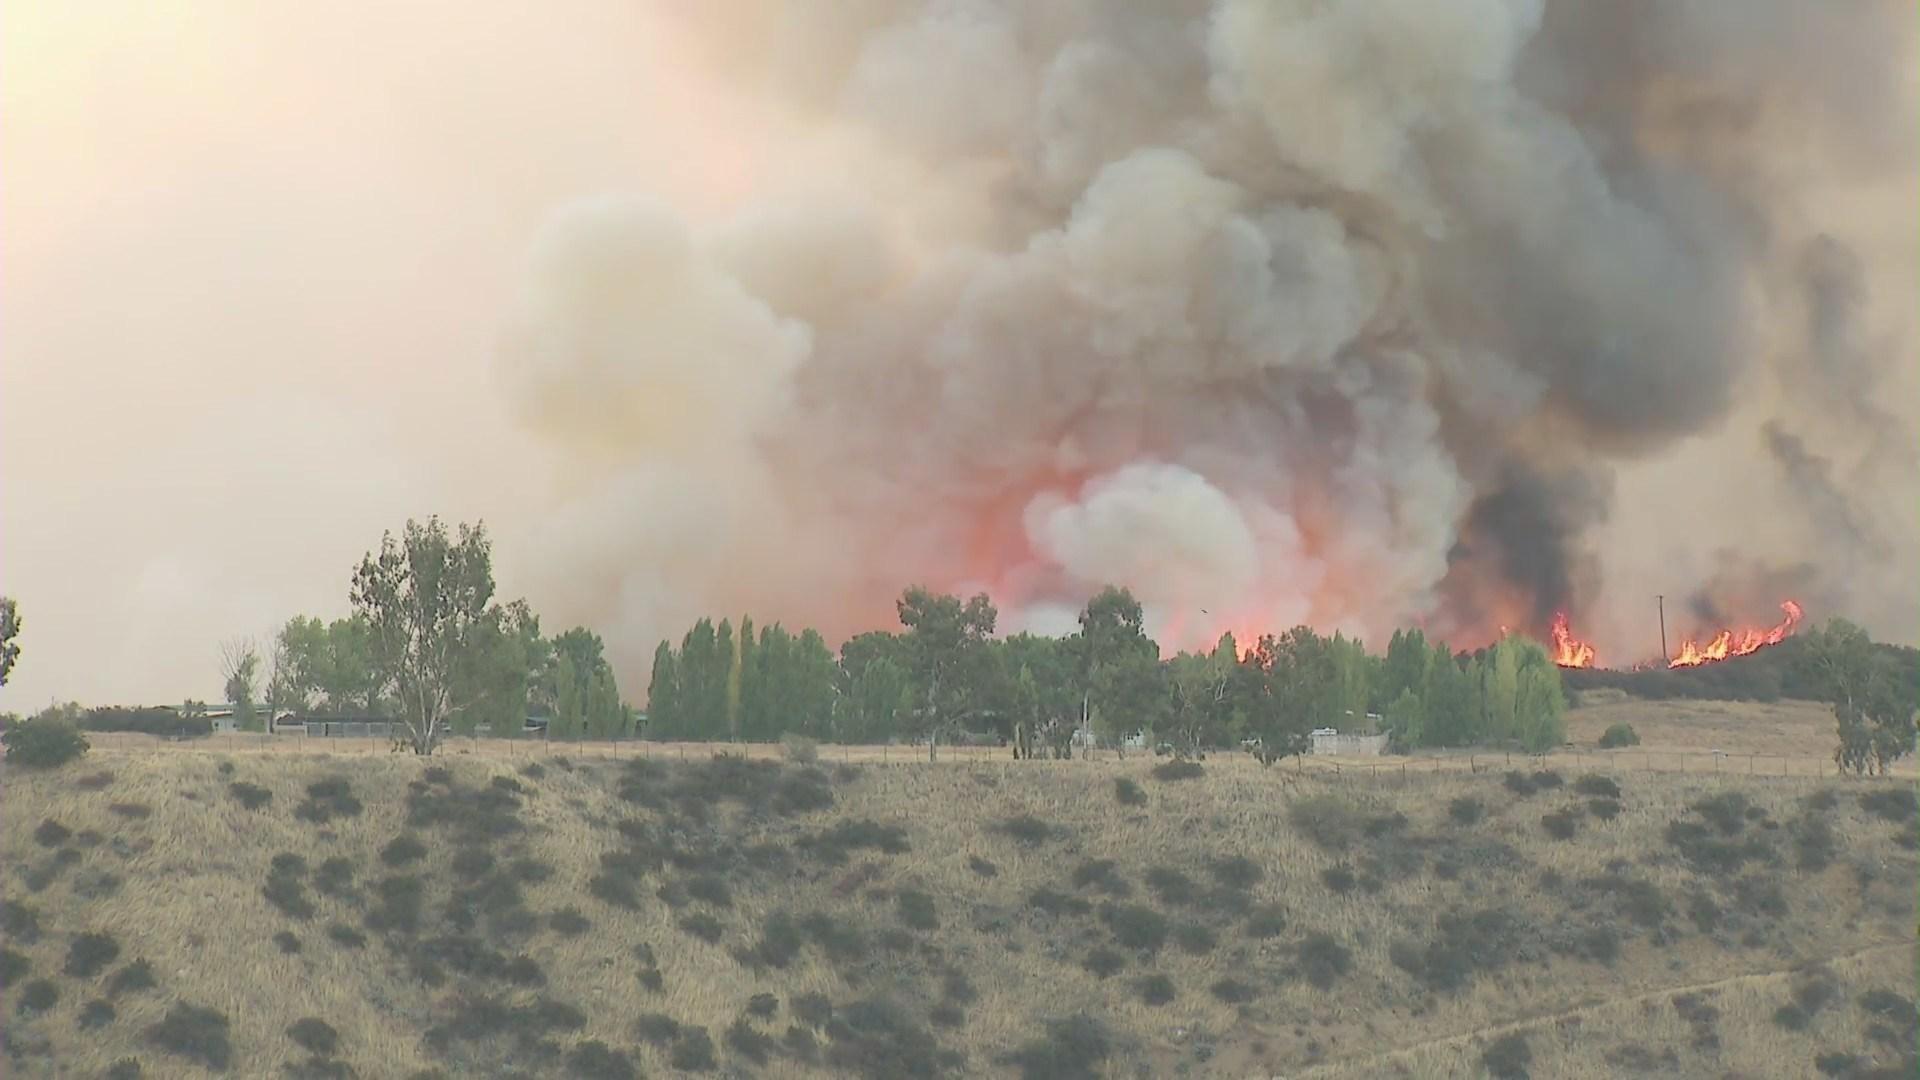 河滨县标蒙市13日发生火灾,燃烧面积达1,900英亩